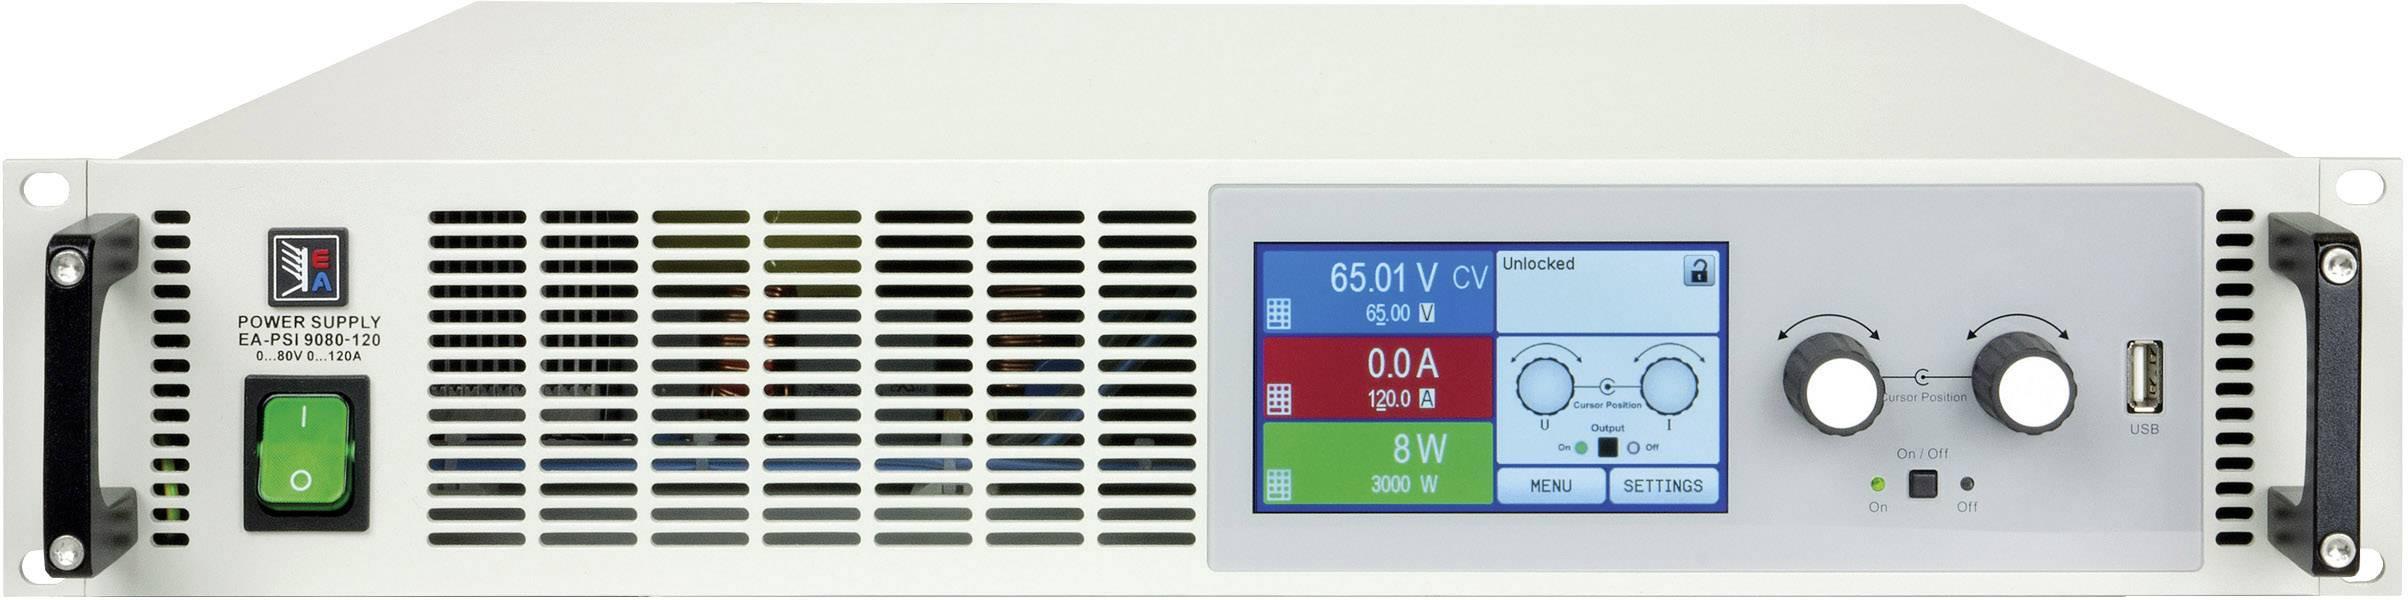 Programovateľný laboratórny zdroj EA EA-PSI 9750-04, 2U, 750 V, 4 A, 1000 W, USB